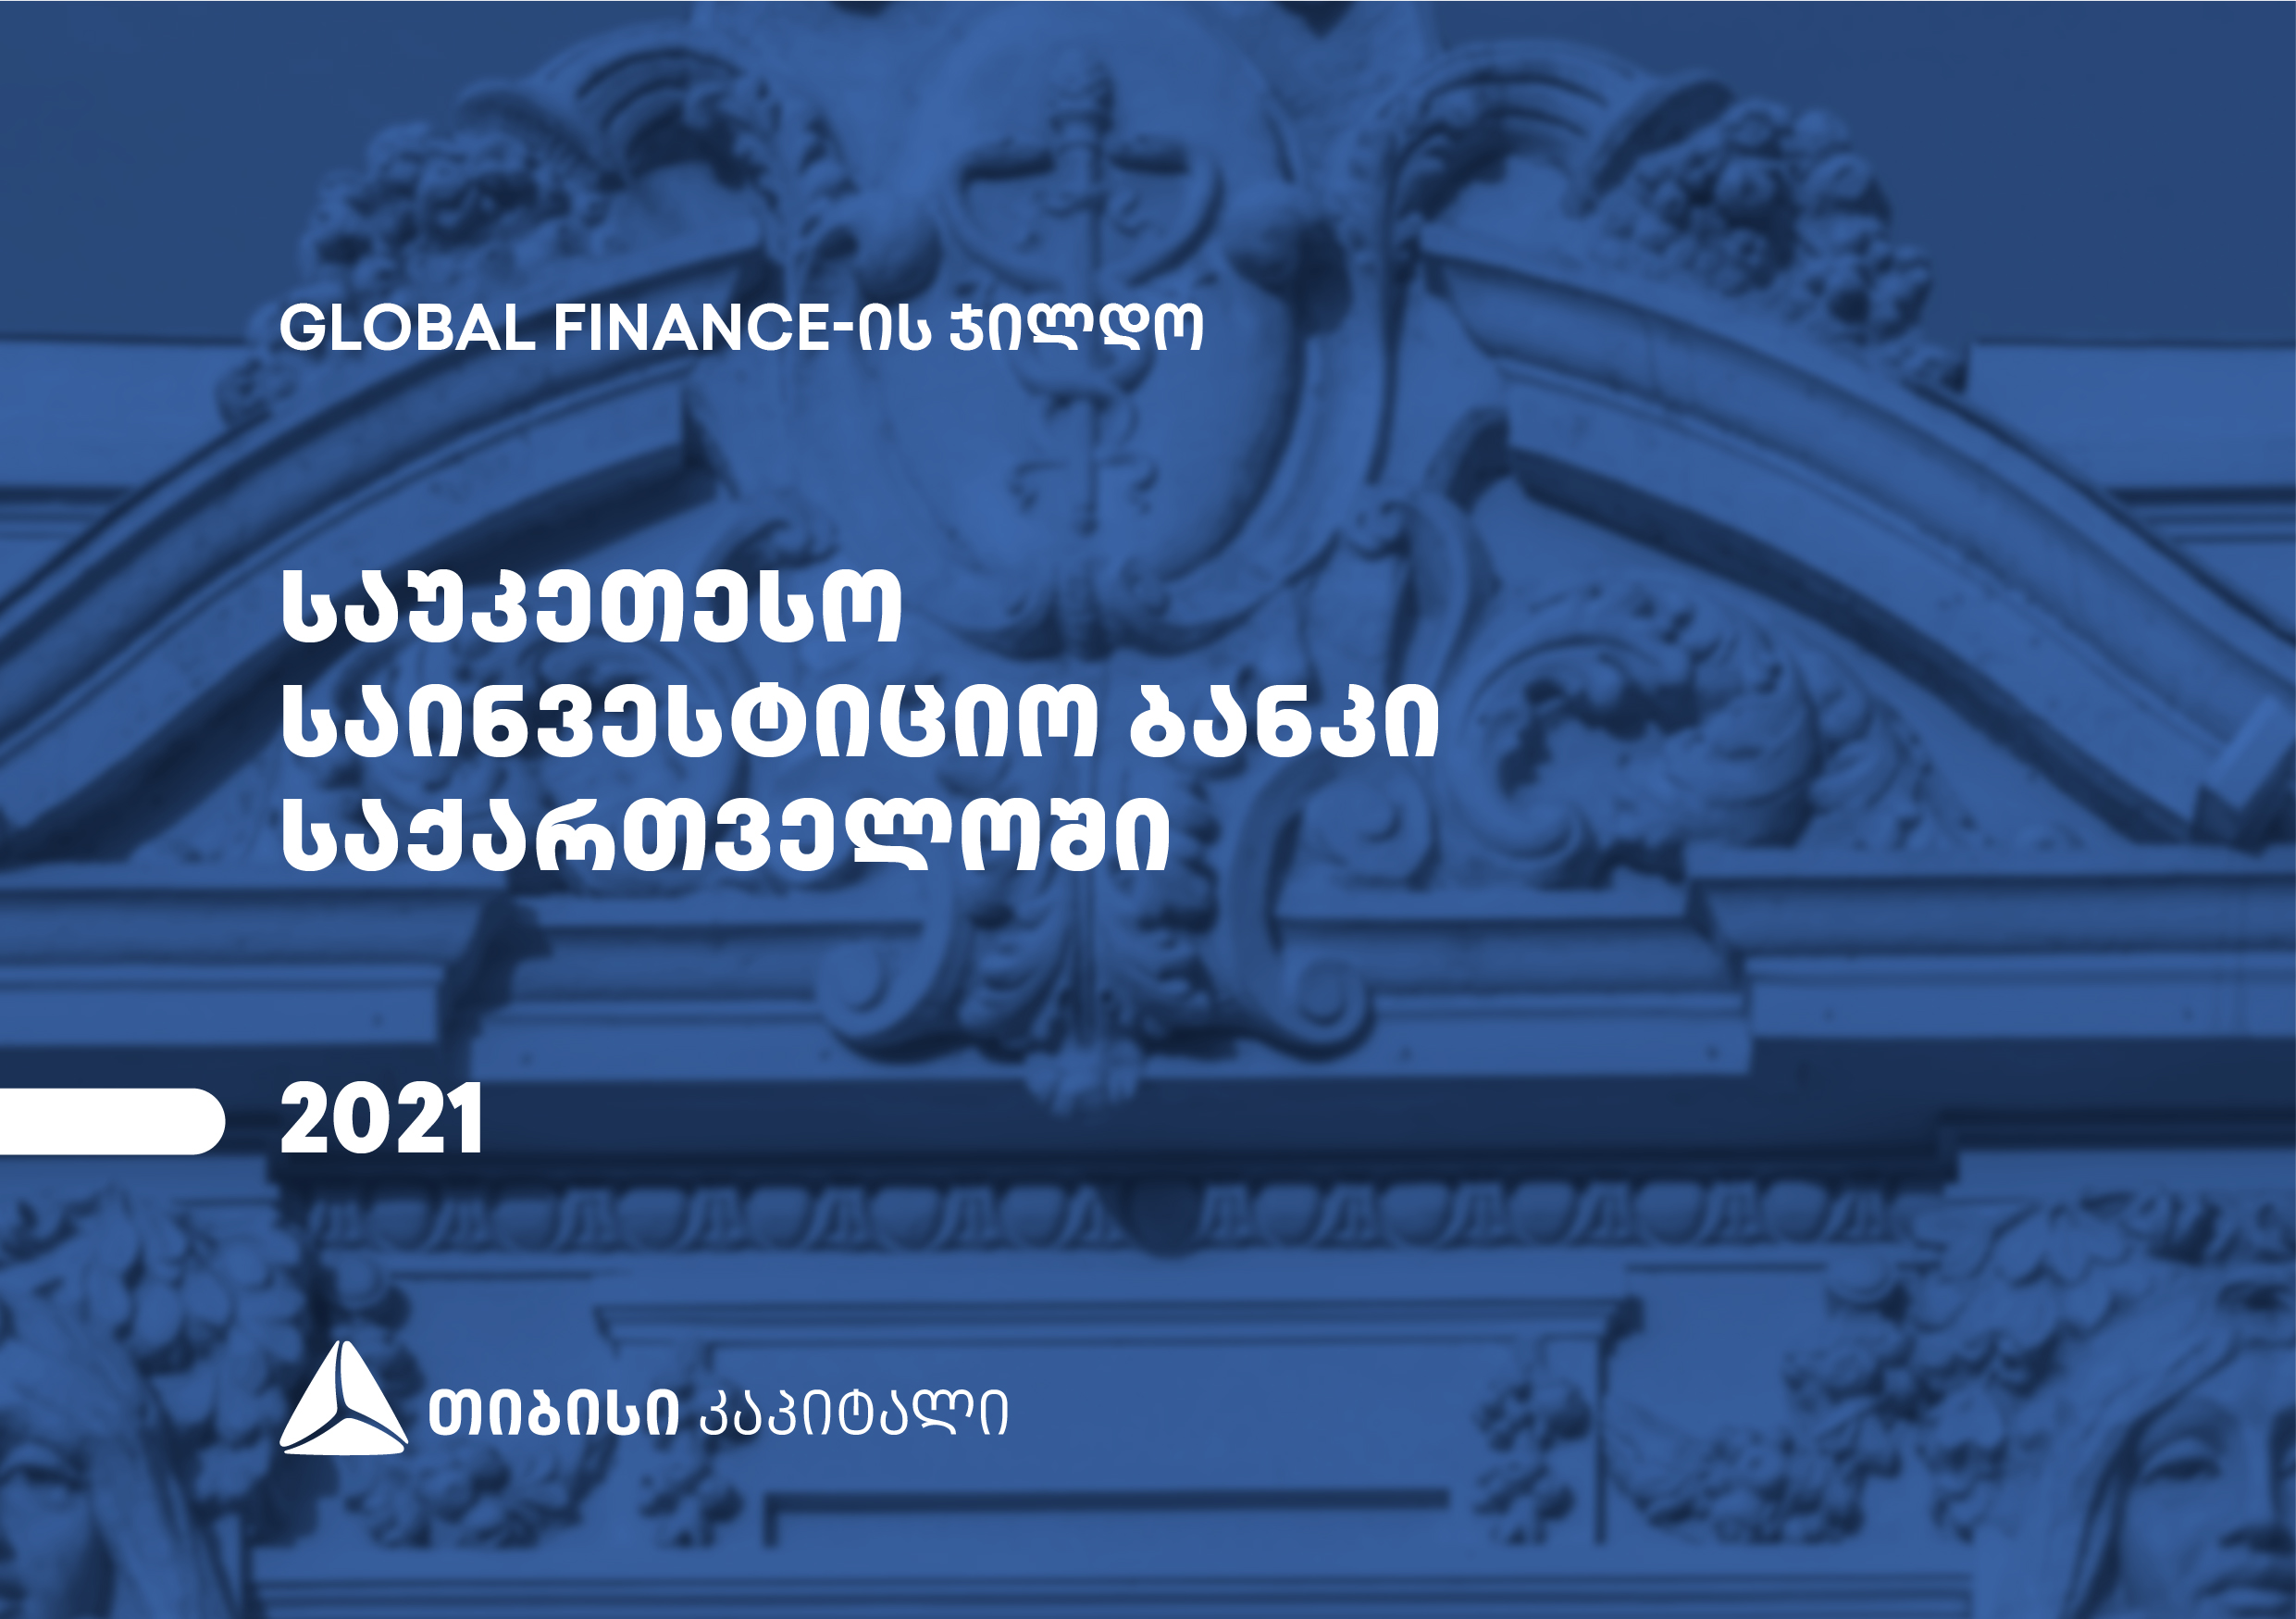 თიბისი კაპიტალი Global Finance-მა საქართველოში საუკეთესო საინვესტიციო ბანკად დაასახელა